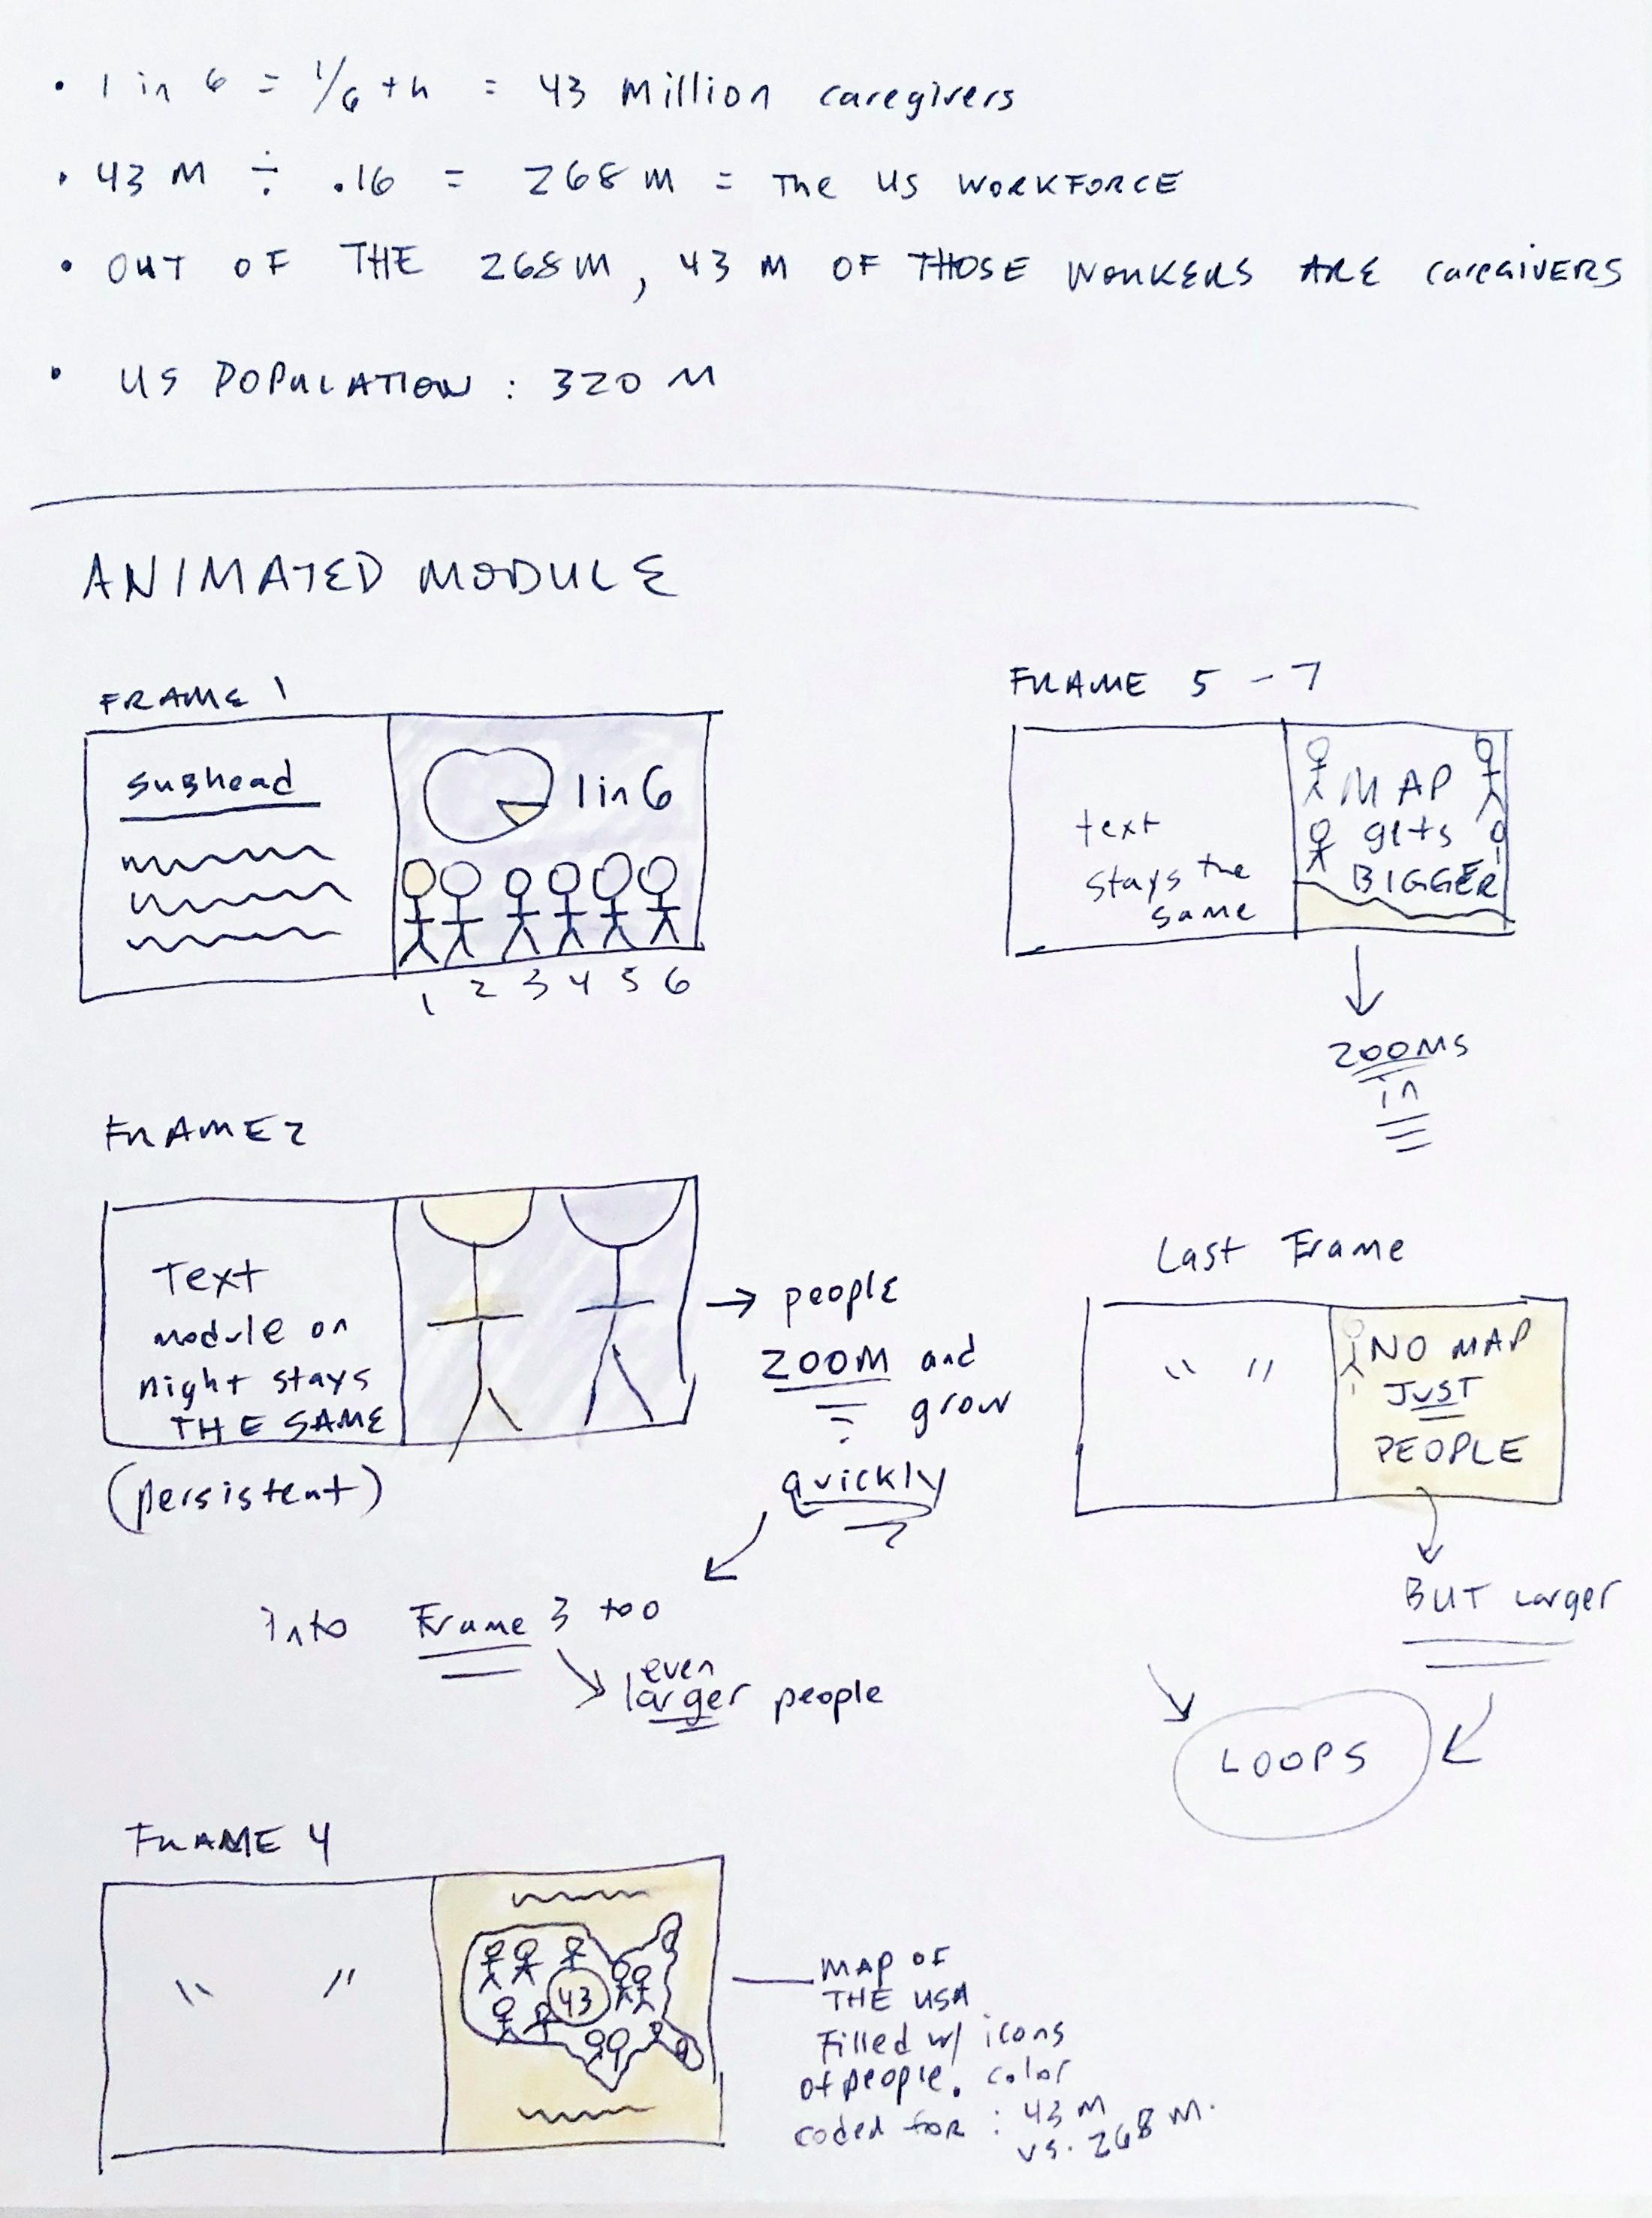 qc-sketch-2.jpg